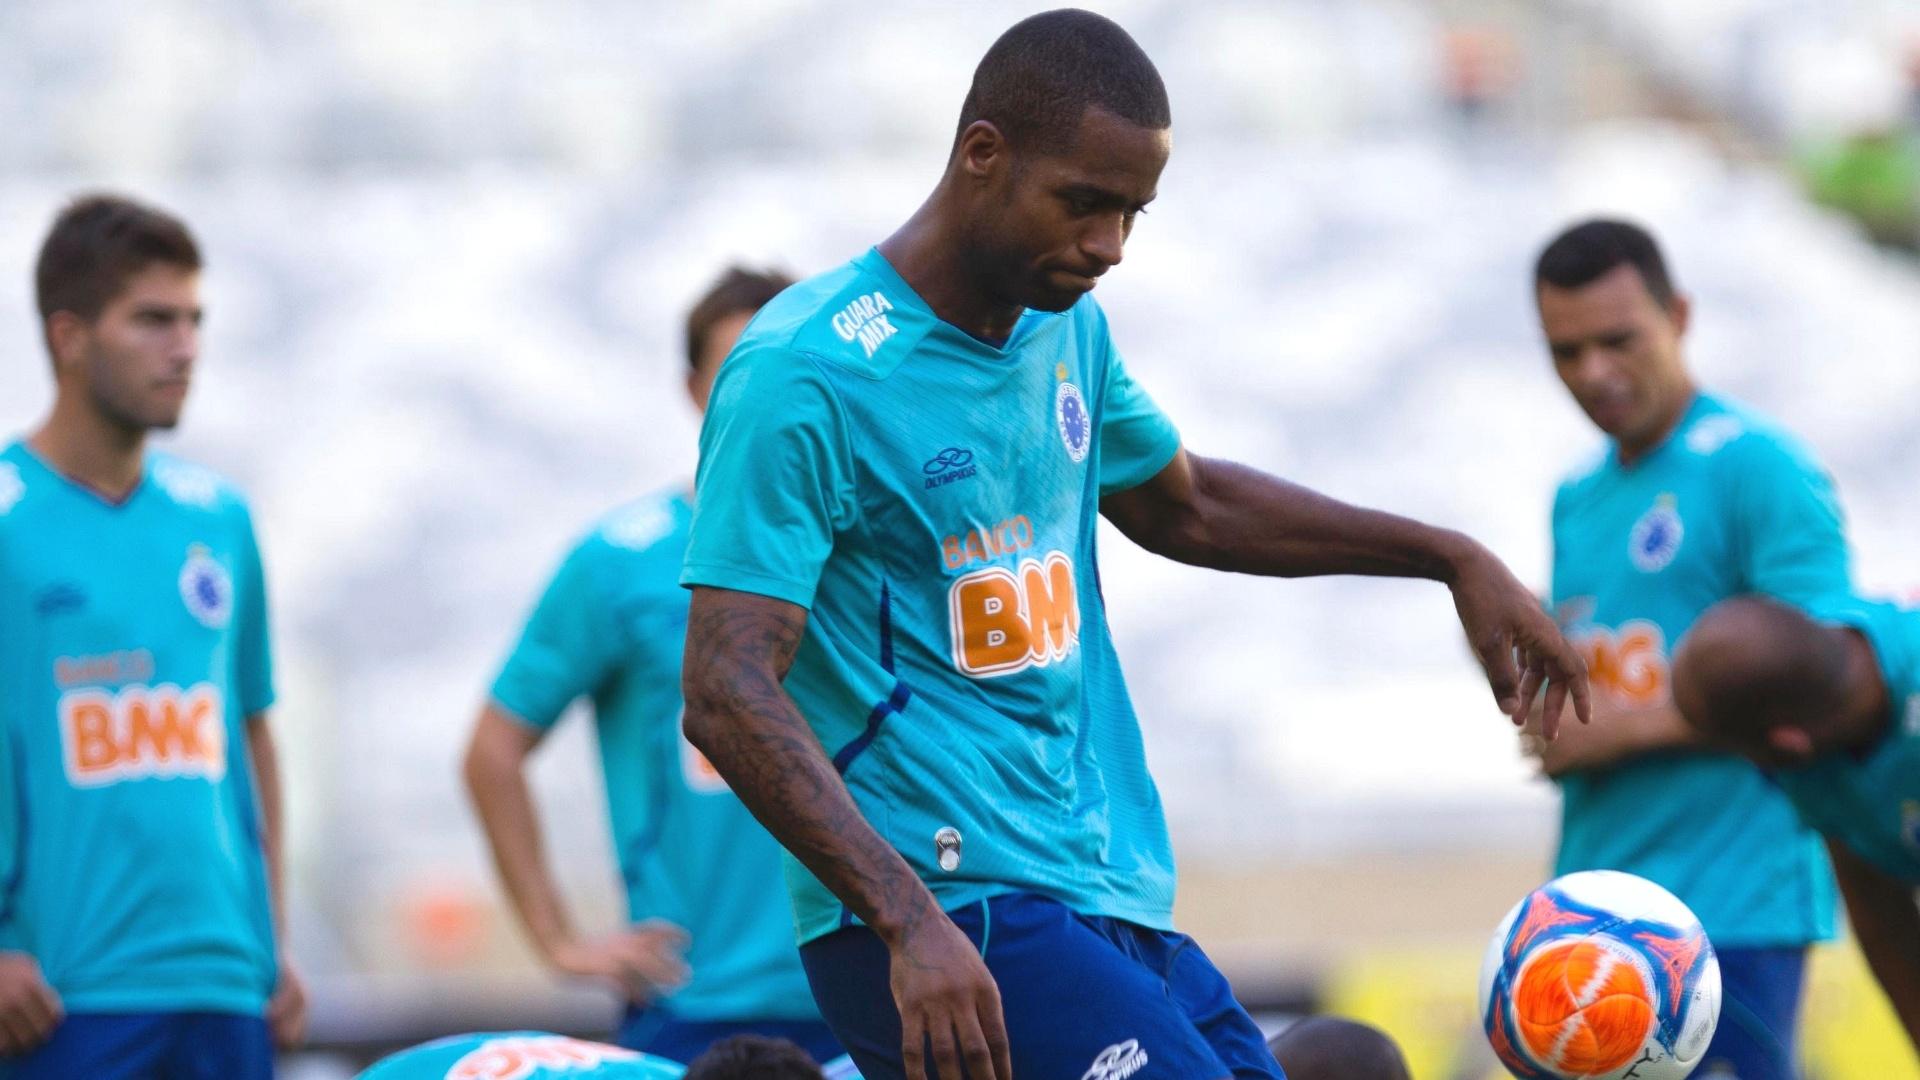 24 jan 2014 - Zagueiro Dedé durante treino do Cruzeiro no Mineirão